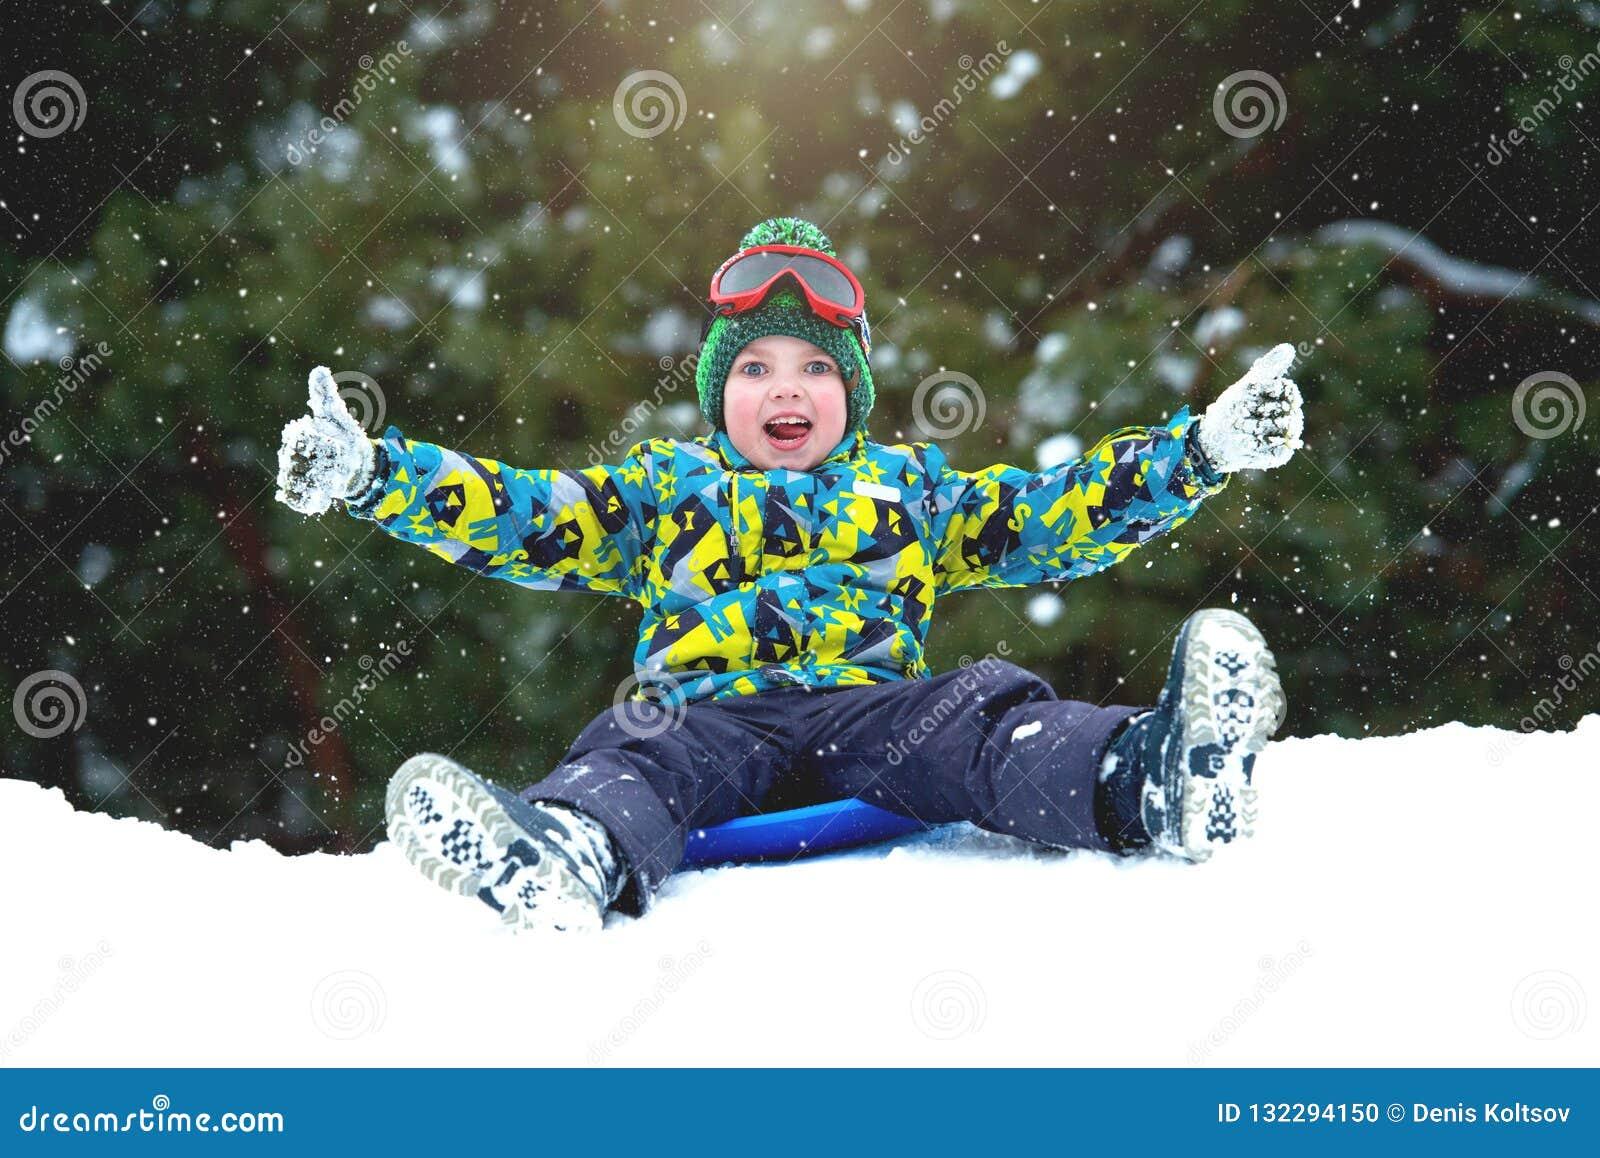 男孩sledding在多雪的森林室外冬天乐趣为圣诞节假期